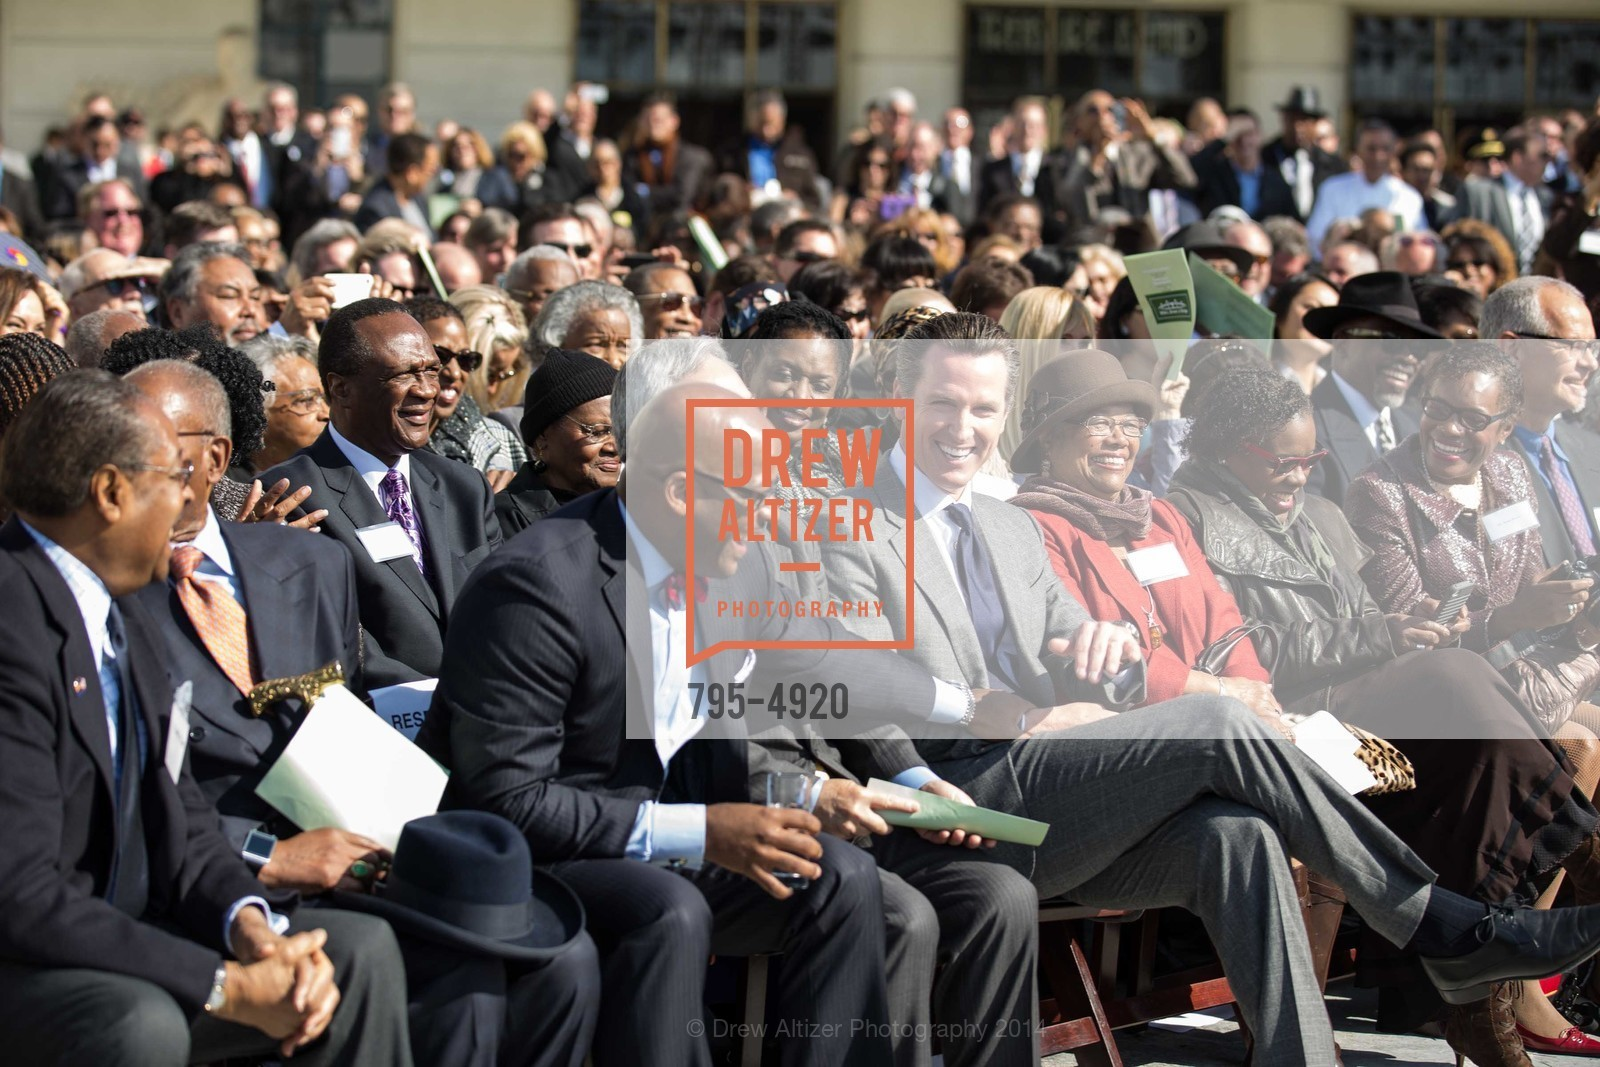 Isadore Hall, Mayor Ed Lee, Gavin Newsom, Photo #795-4920